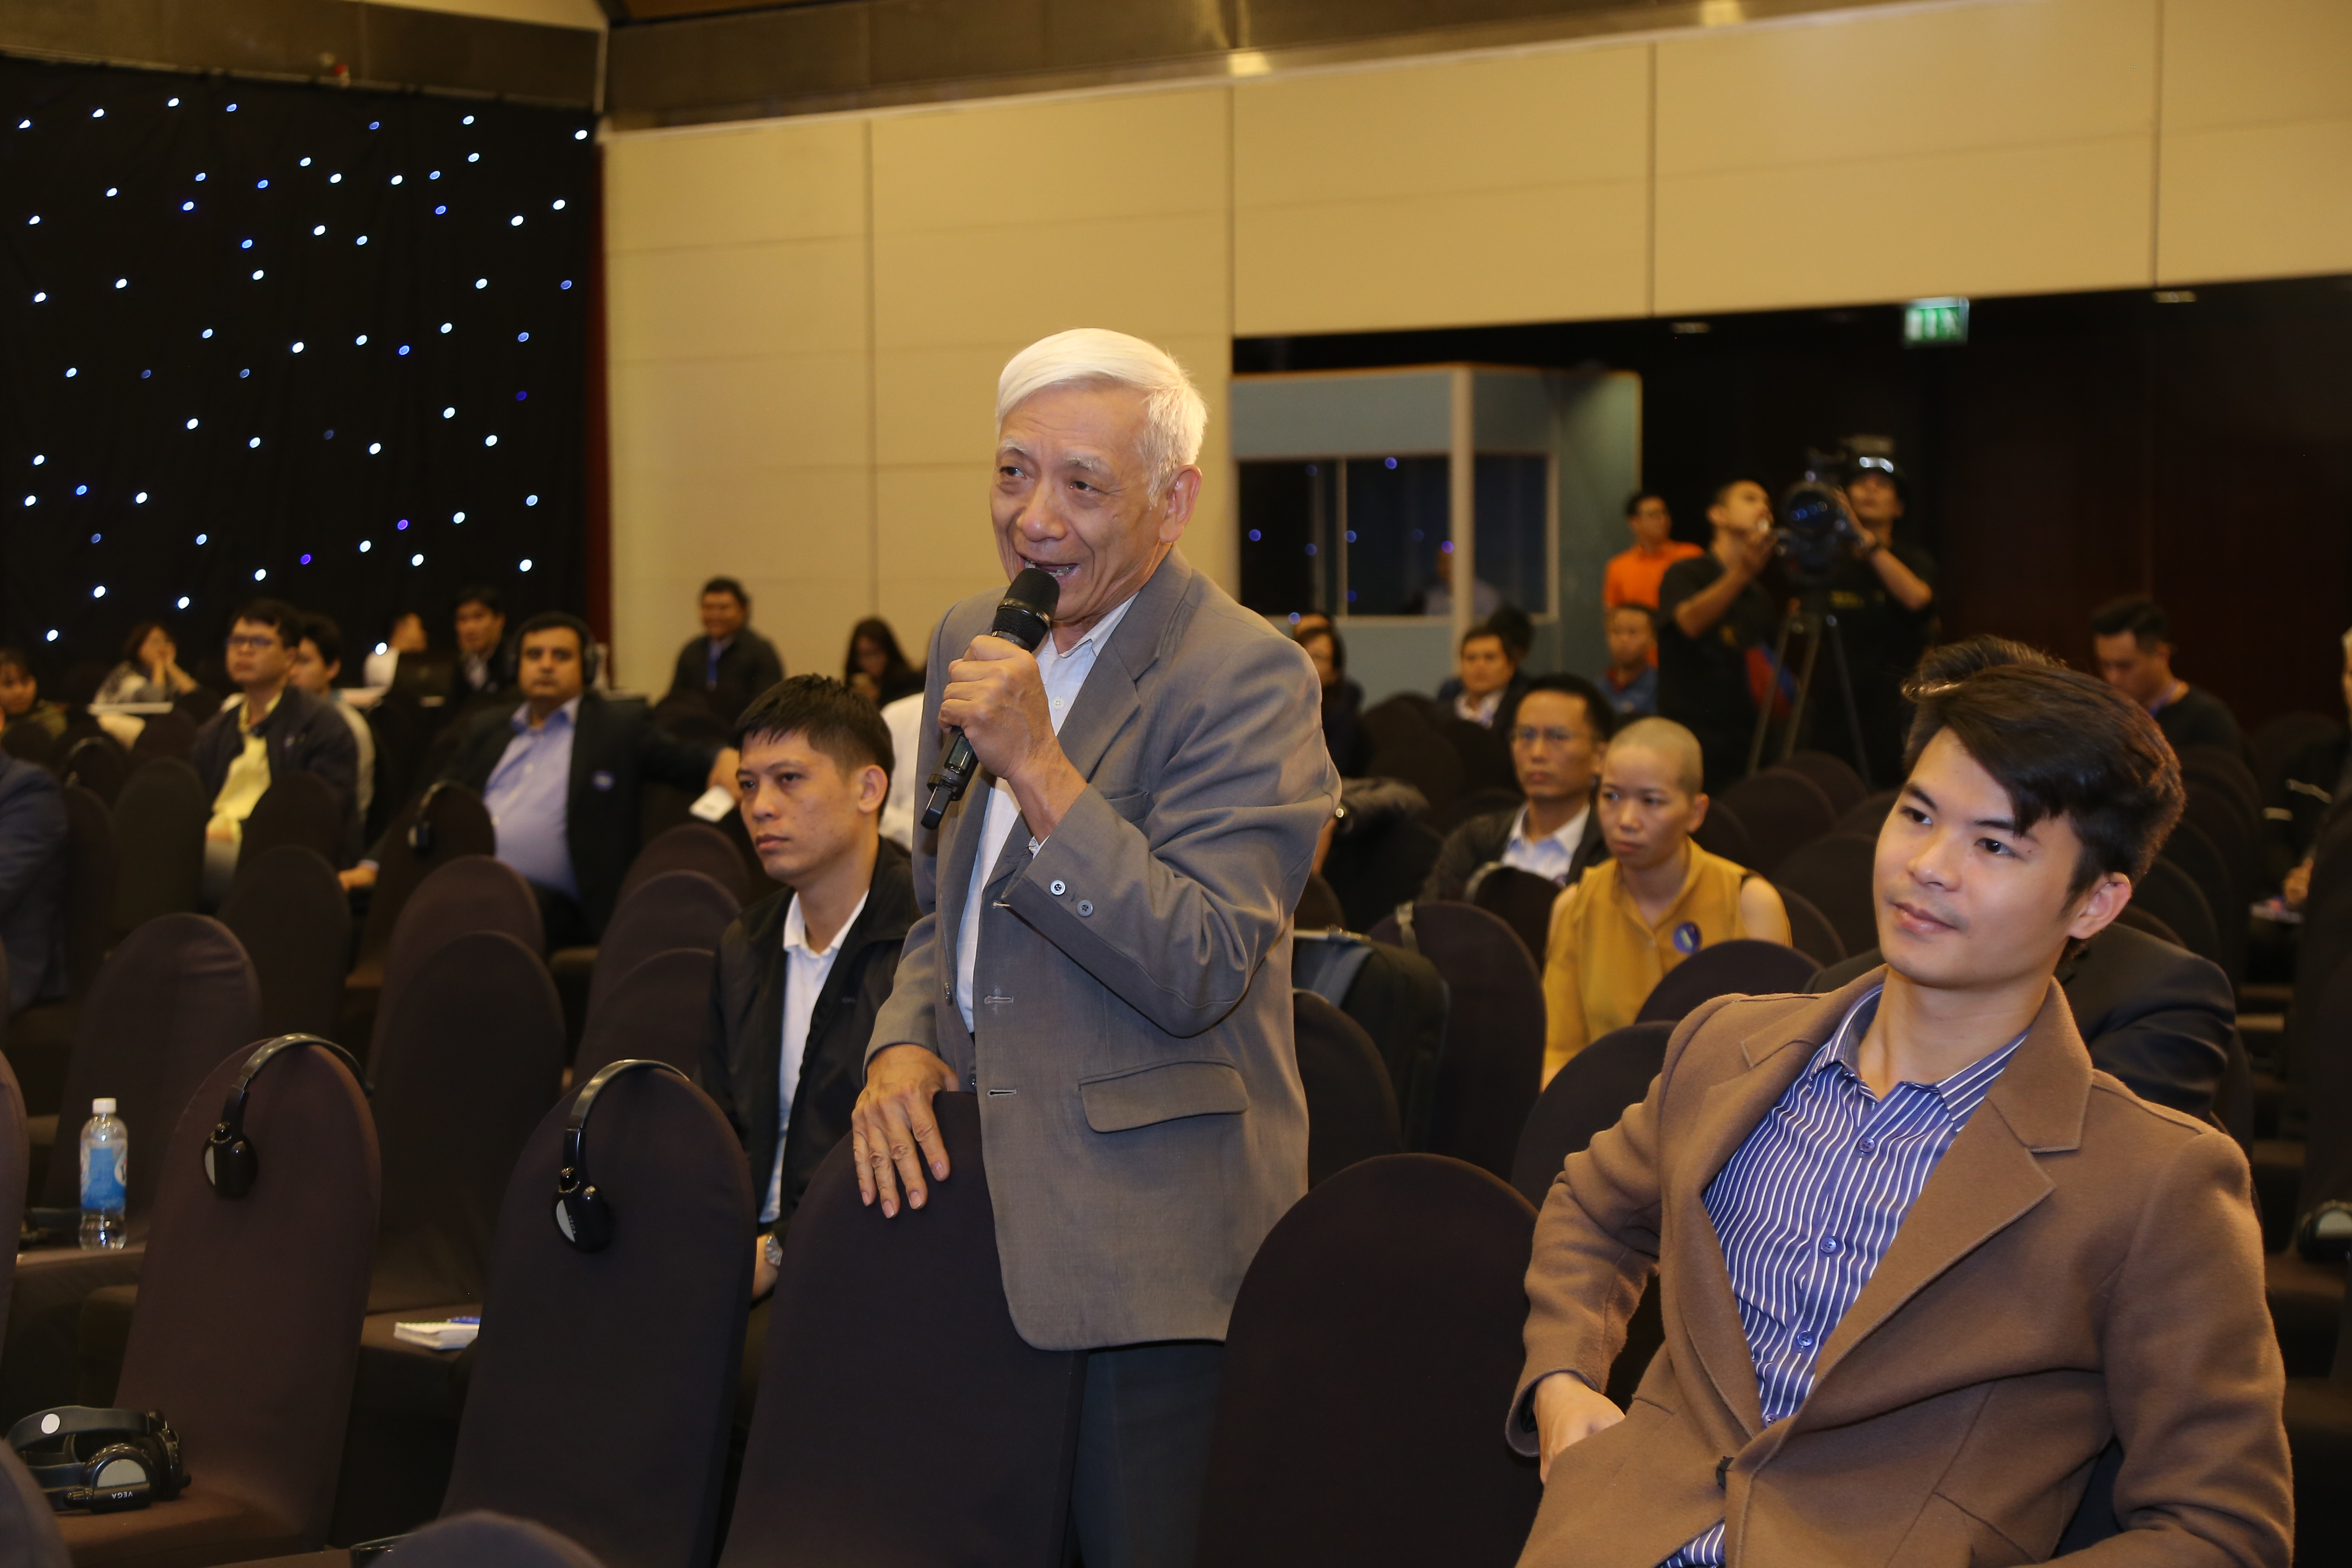 Khách mời tự do đặt câu hỏi cho diễn giả. Trong ảnh, một trong những khách mời lớn tuổi nhất sự kiện quan tâm tìm hiểu về Blockchain của FPT và các doanh nghiệp lớn như Masan tại phiên khởi động thông minh trong quản trị doanh nghiệp.